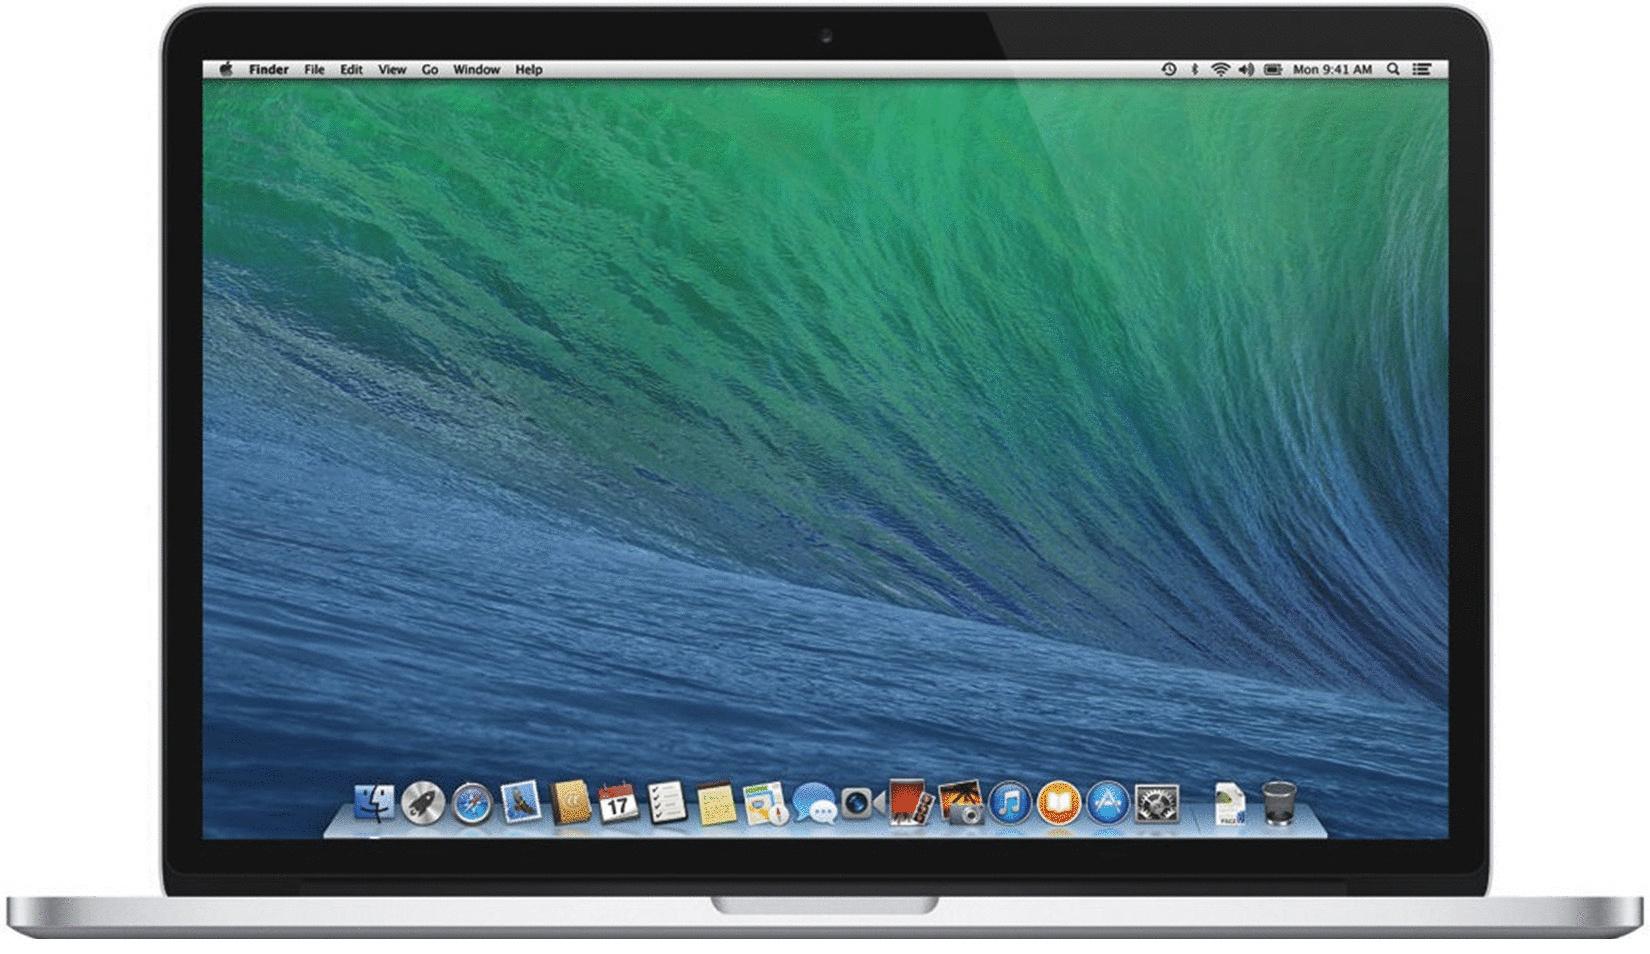 Apple MacBook Pro 15.4 (Retina Display) 2.2 GHz...